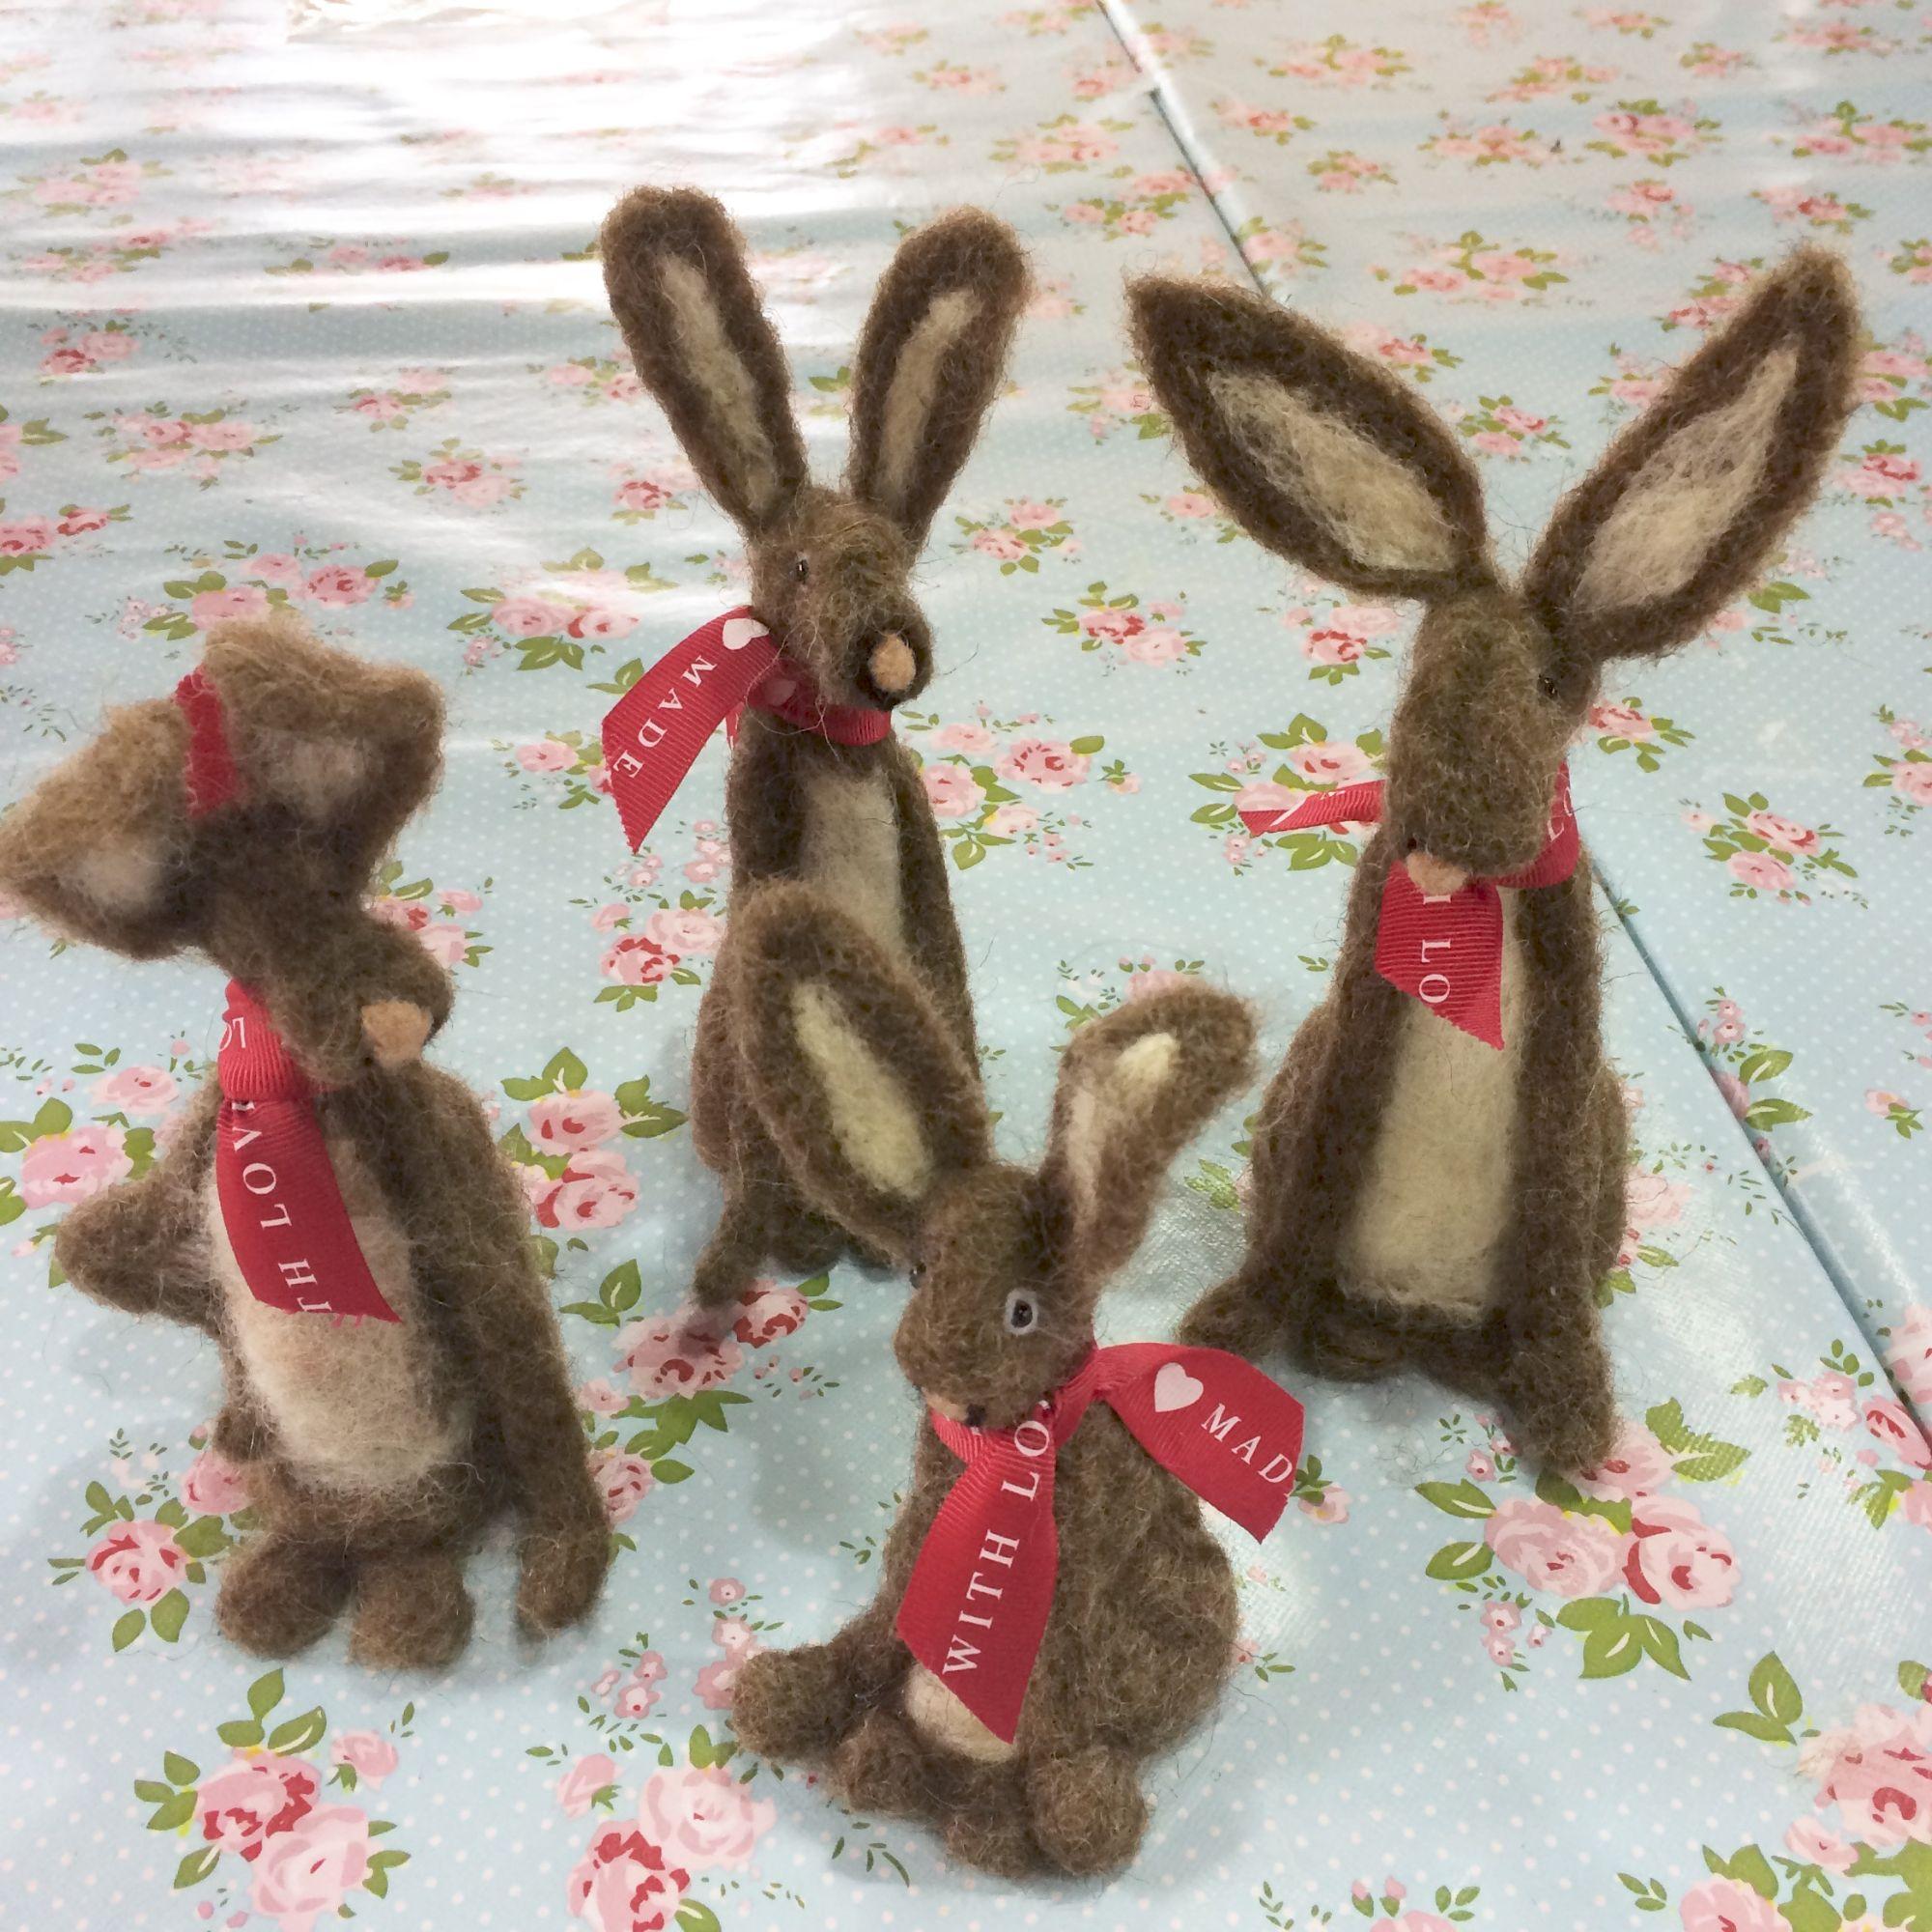 Hare Needle Felting Workshop - Drove